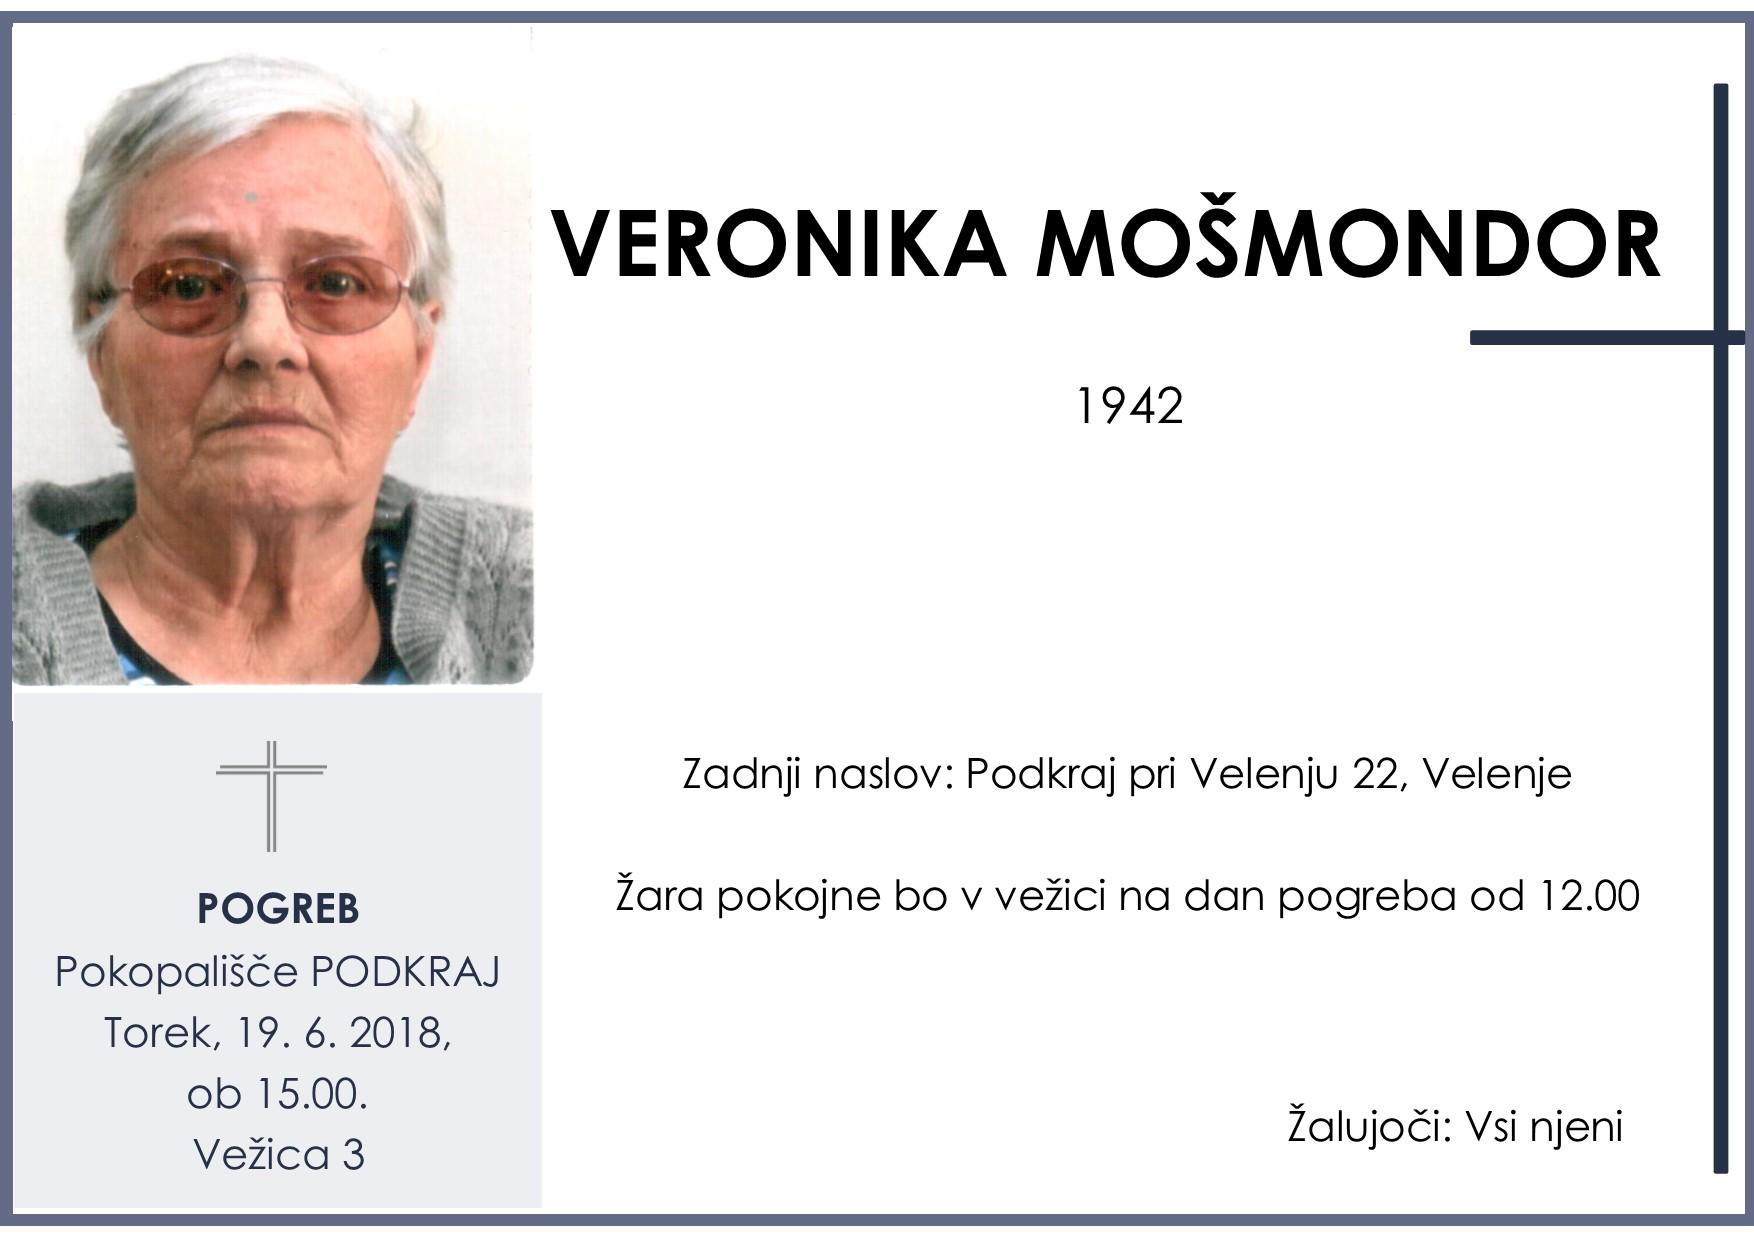 VERONIKA MOŠMONDOR, PODKRAJ, 19. 06. 2018